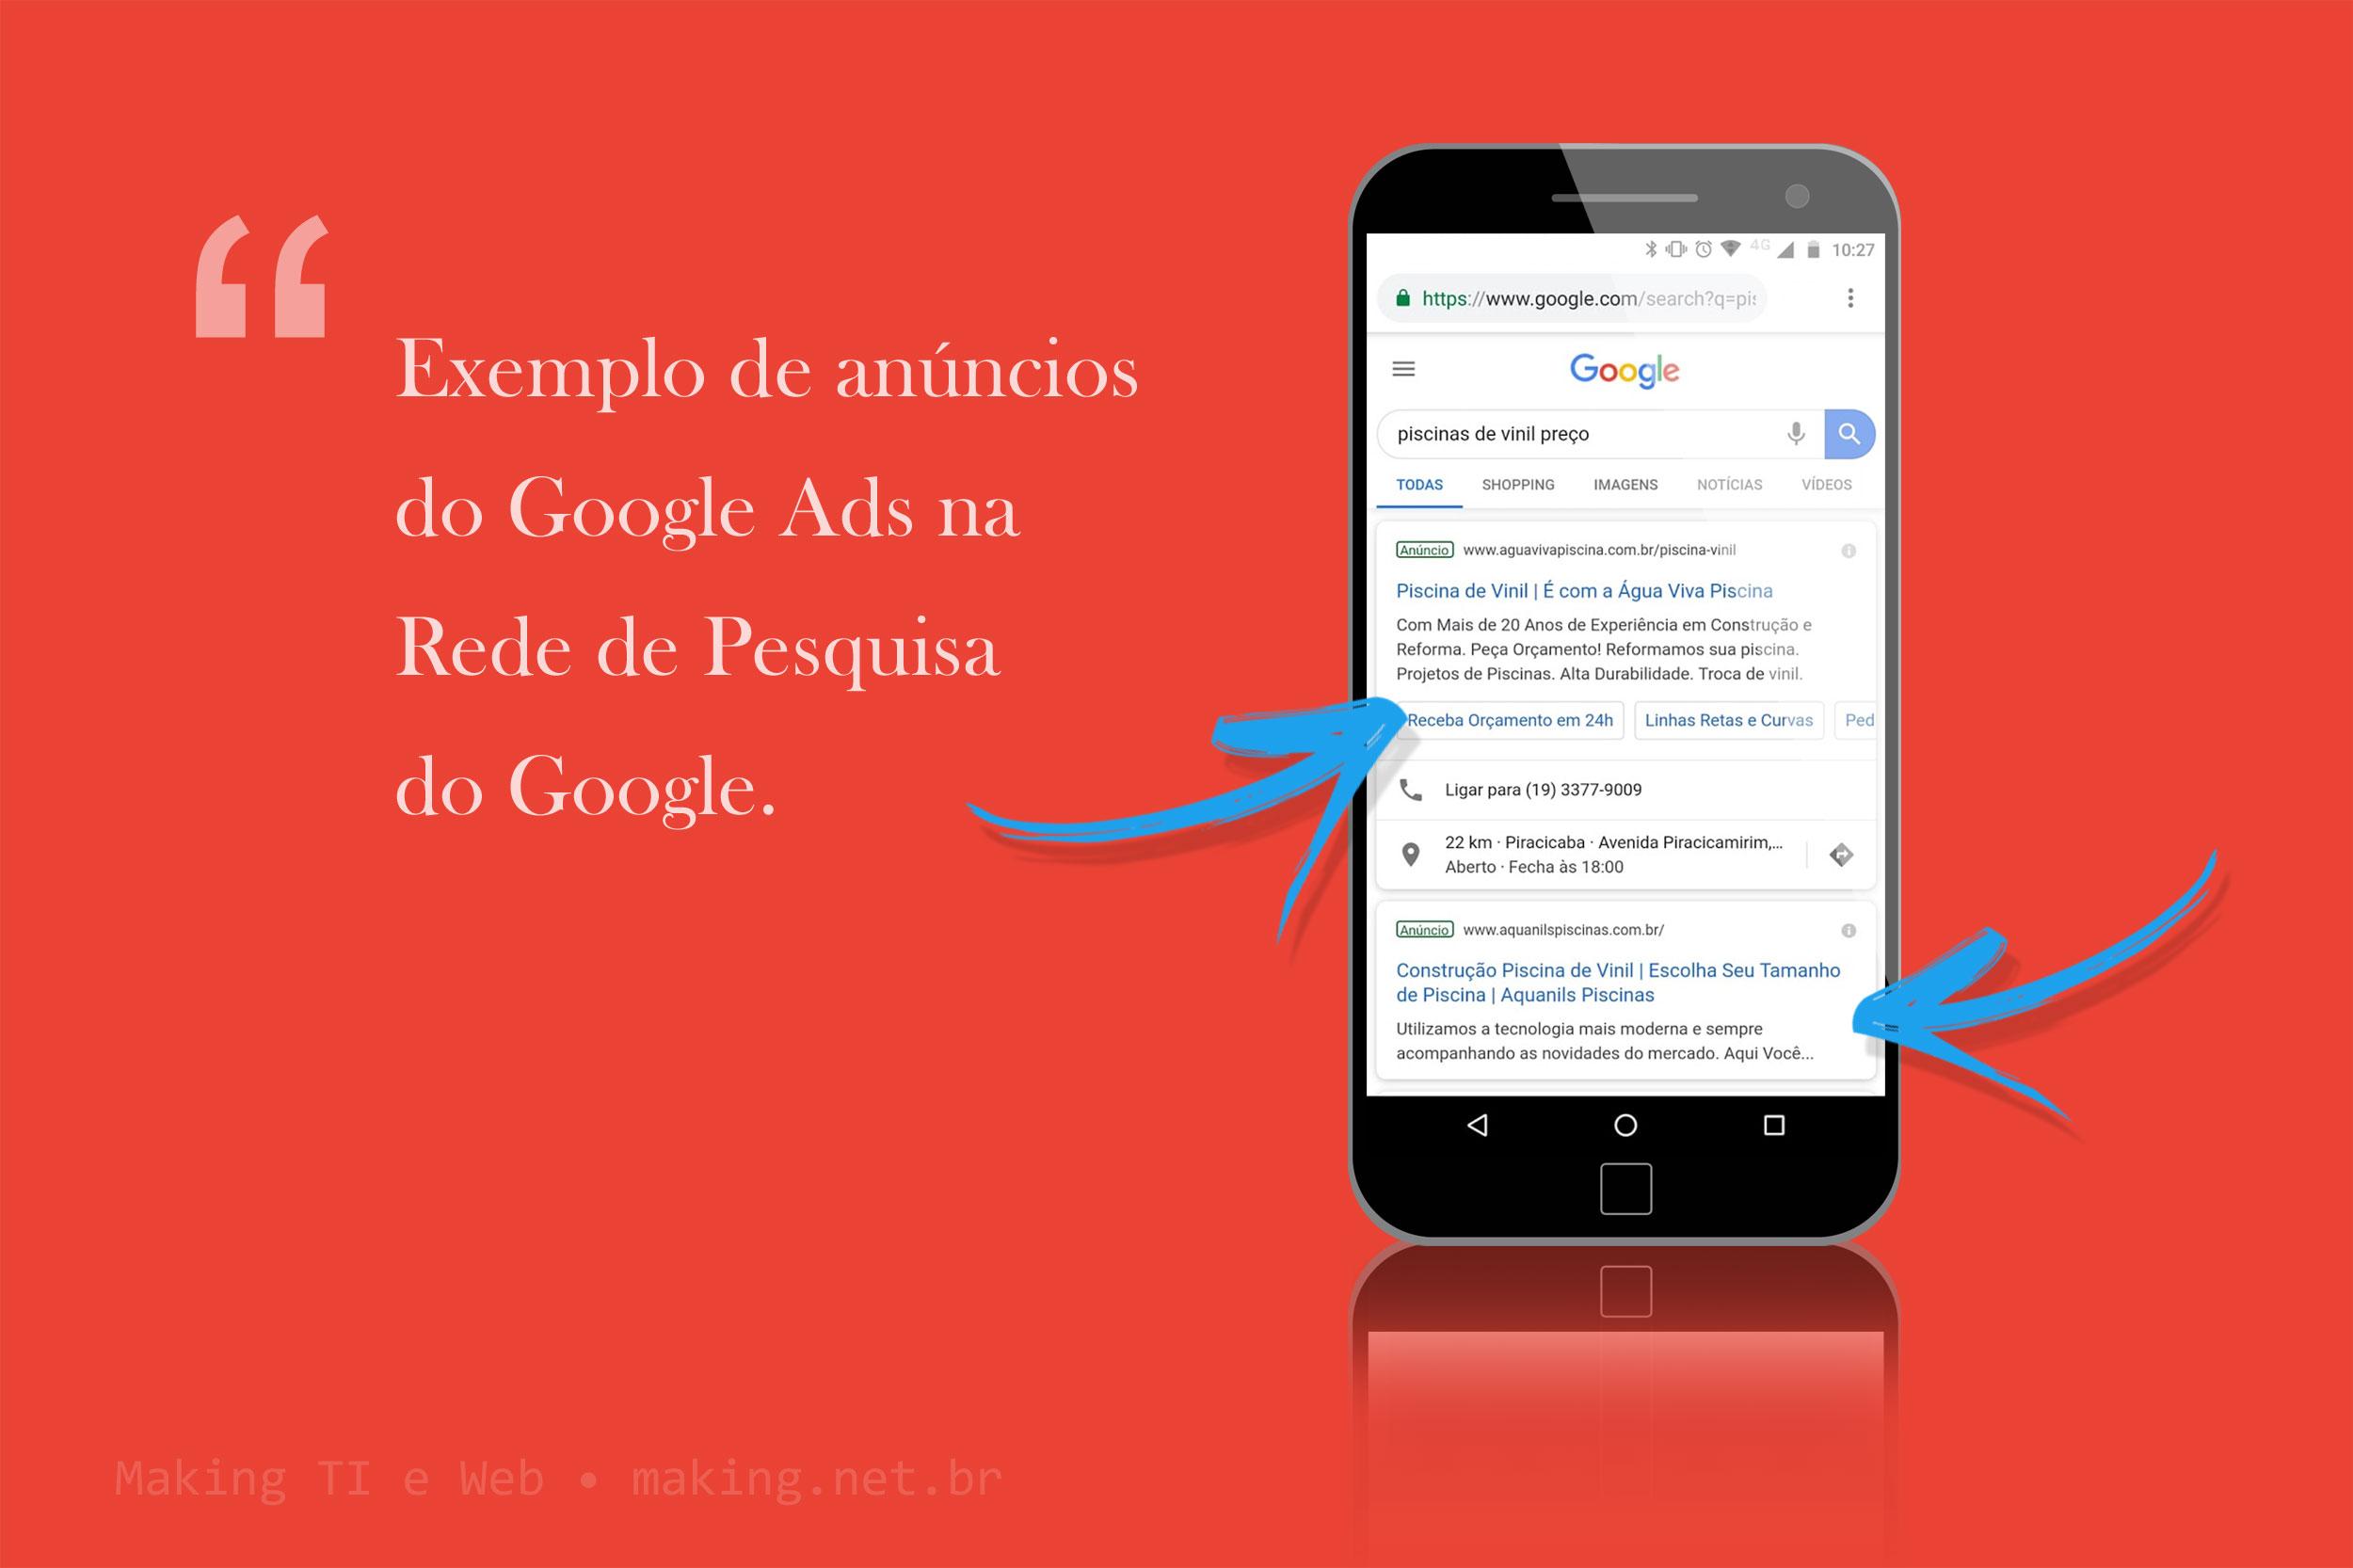 Exemplo de anúncios na Rede de Pesquisa do Google